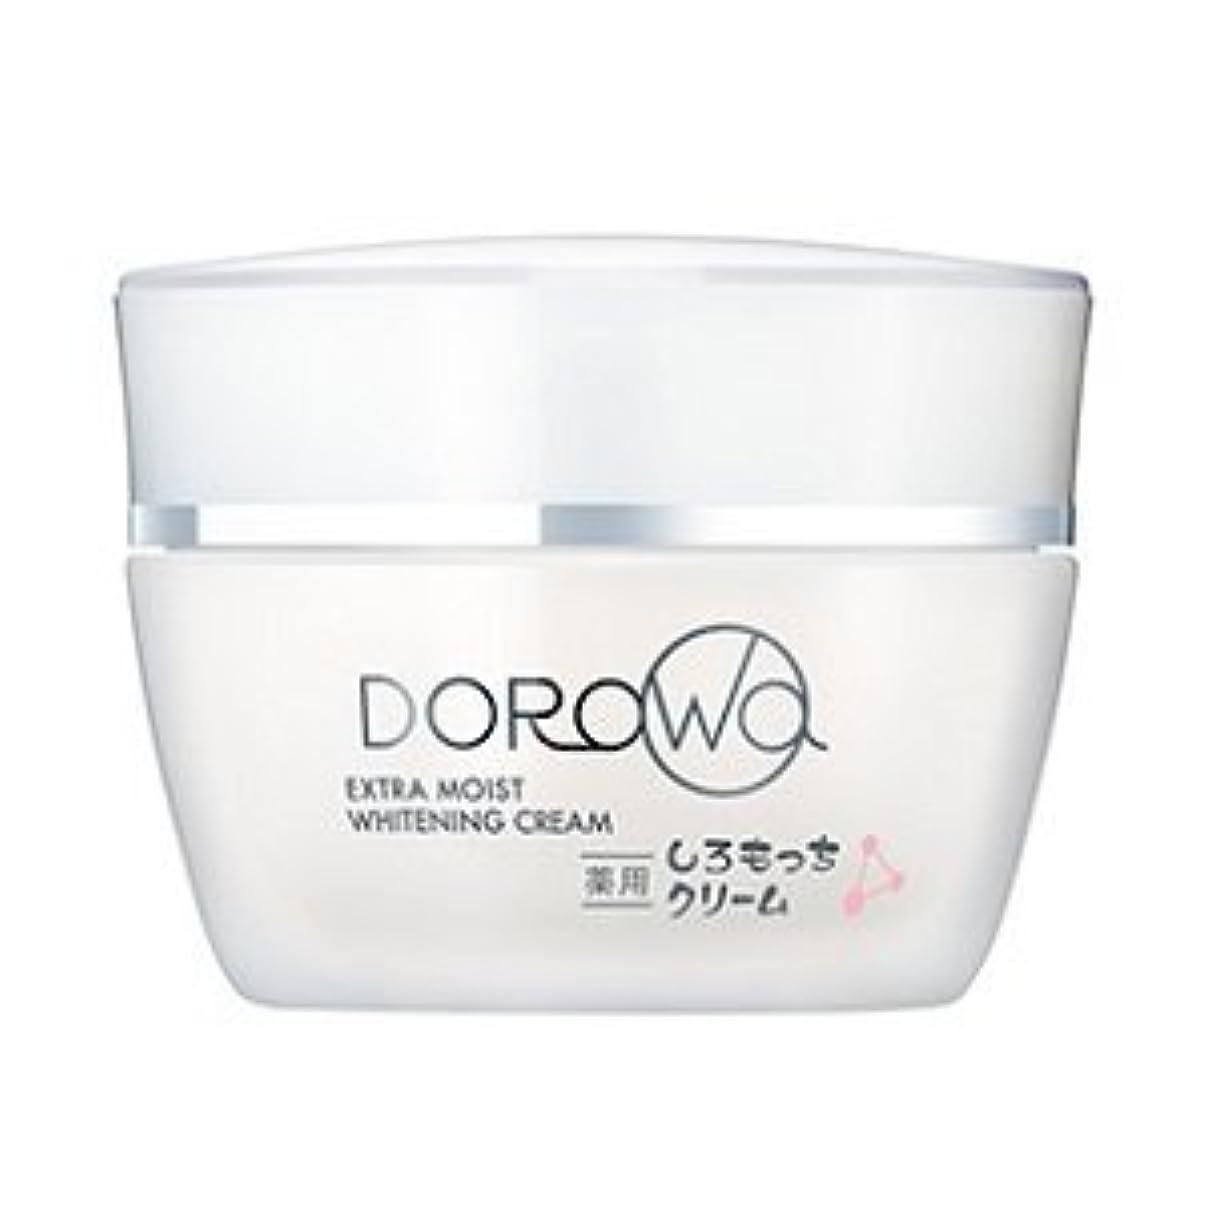 リアル警官ローズ健康コーポレーション DOROwa 薬用 しろもっちクリーム 60g